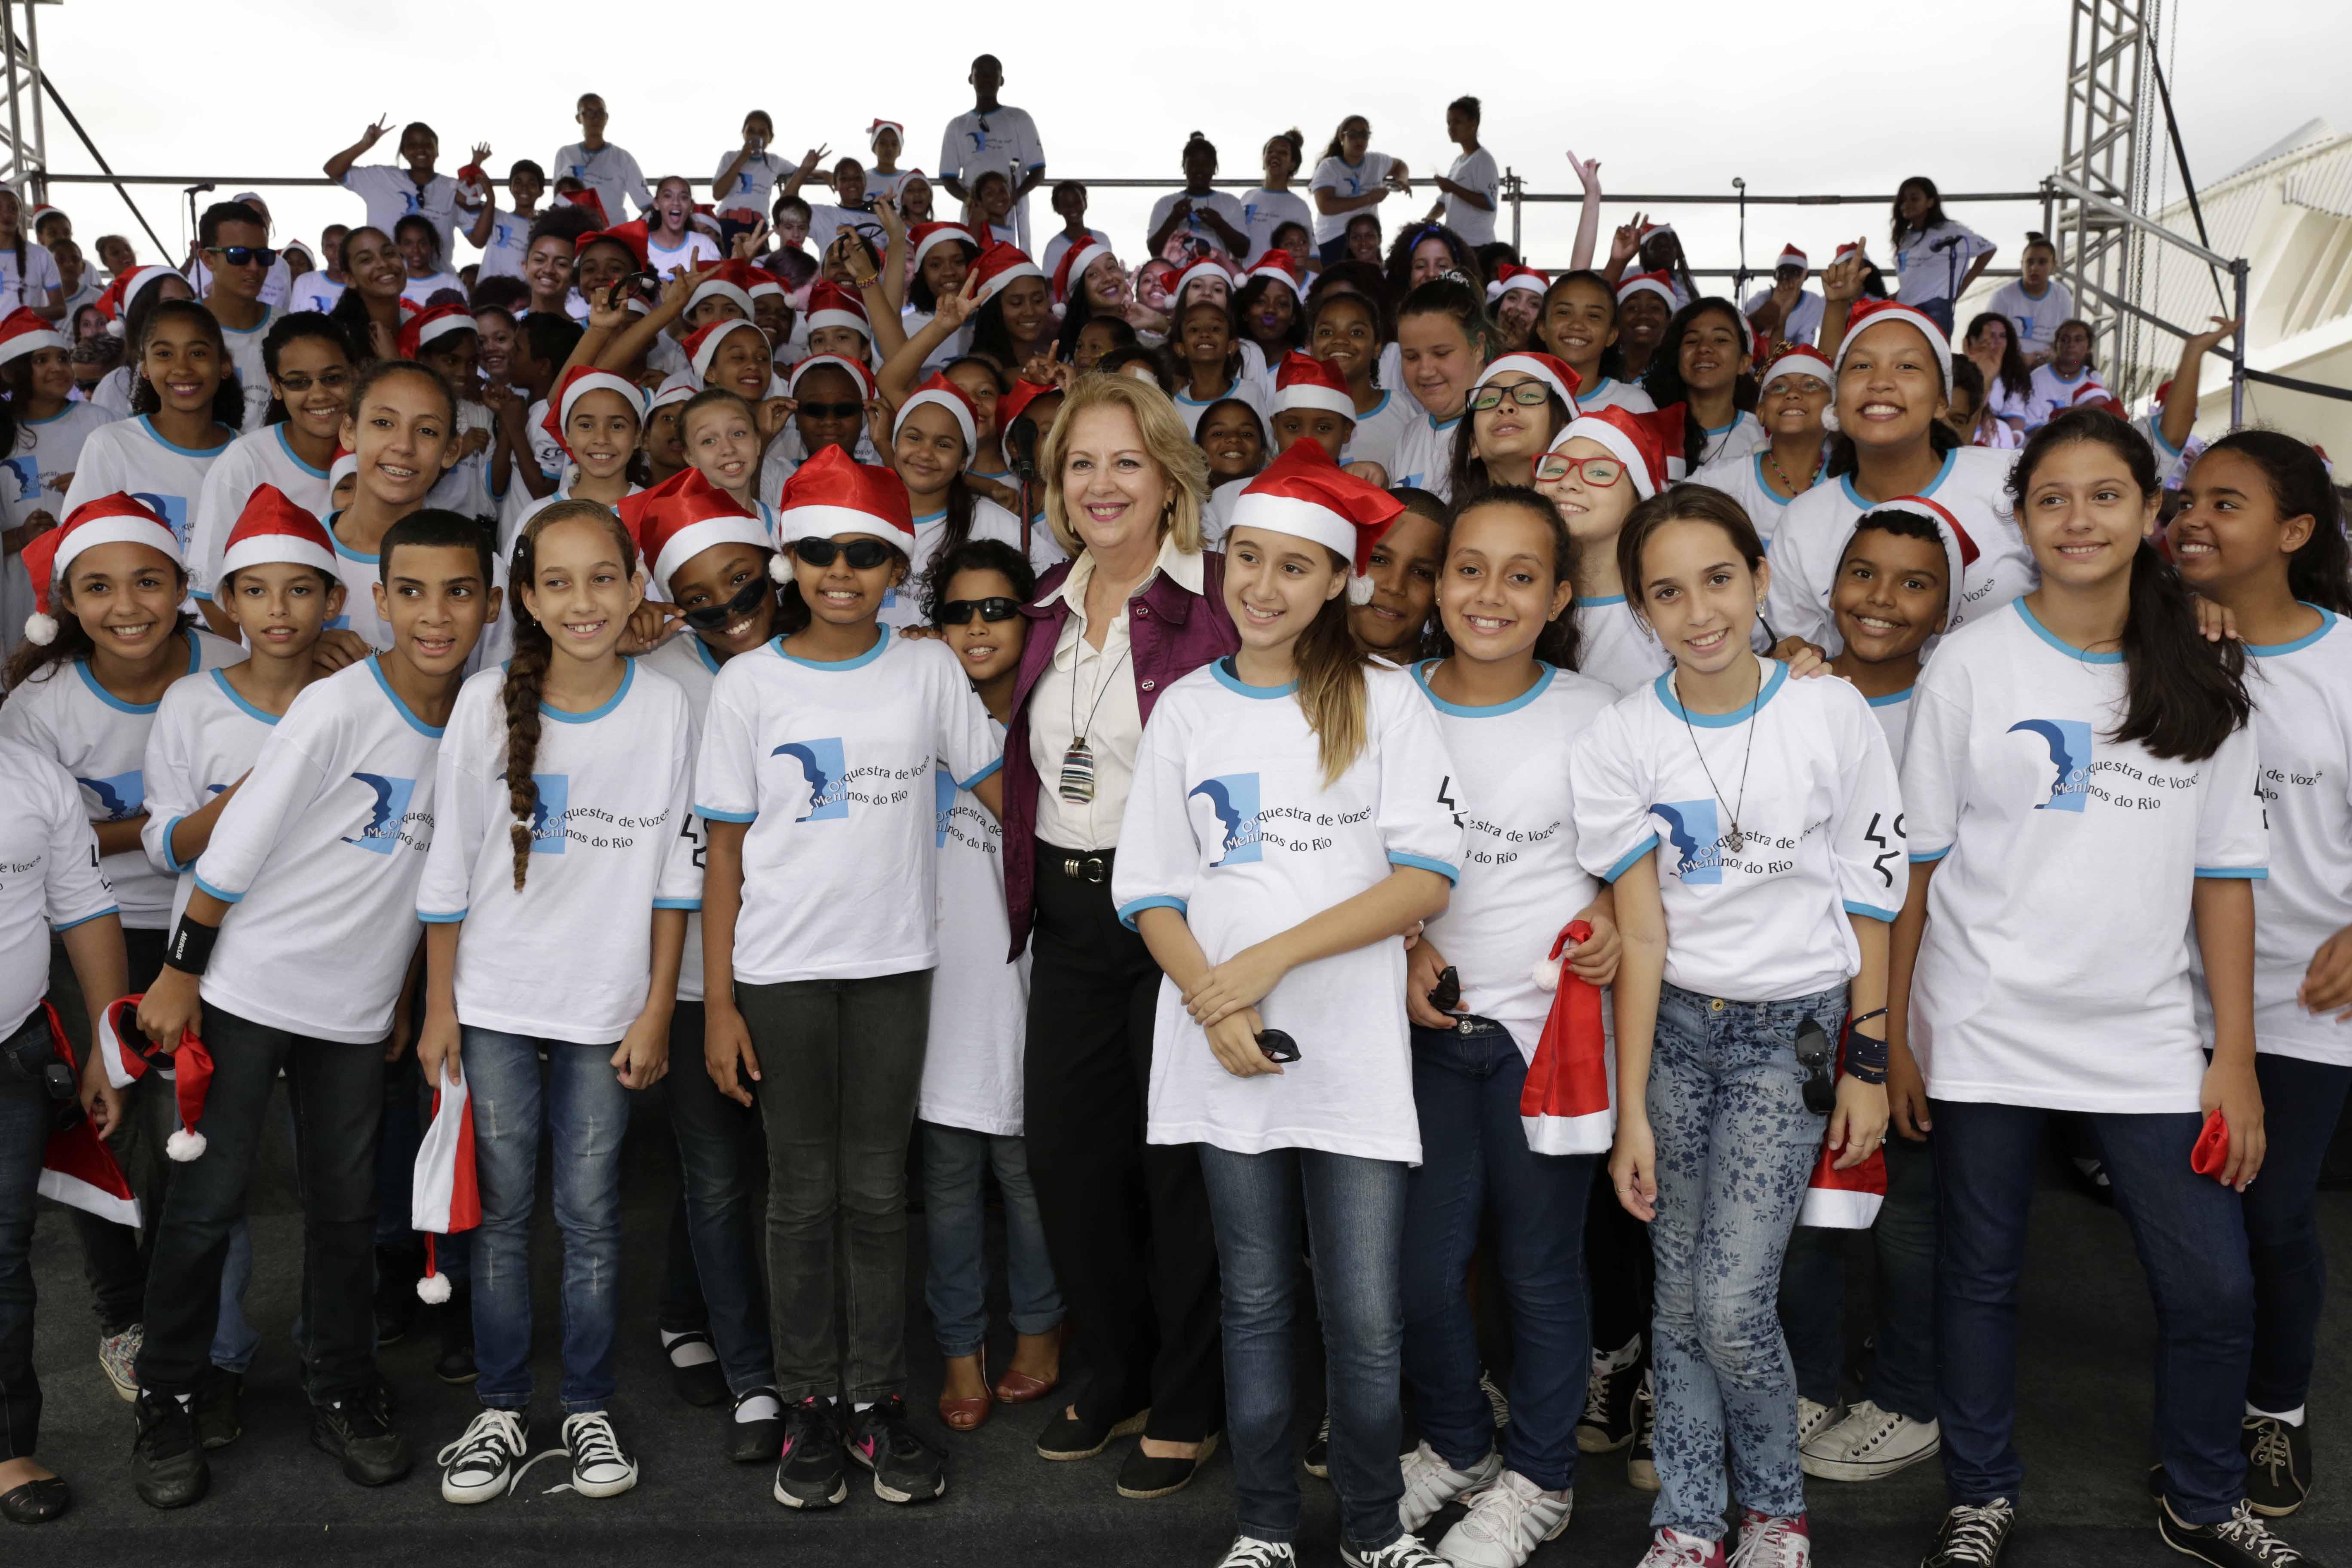 Orquestra de Vozes Meninos do Rio celebra os 450 anos do Rio na Praça Mauá